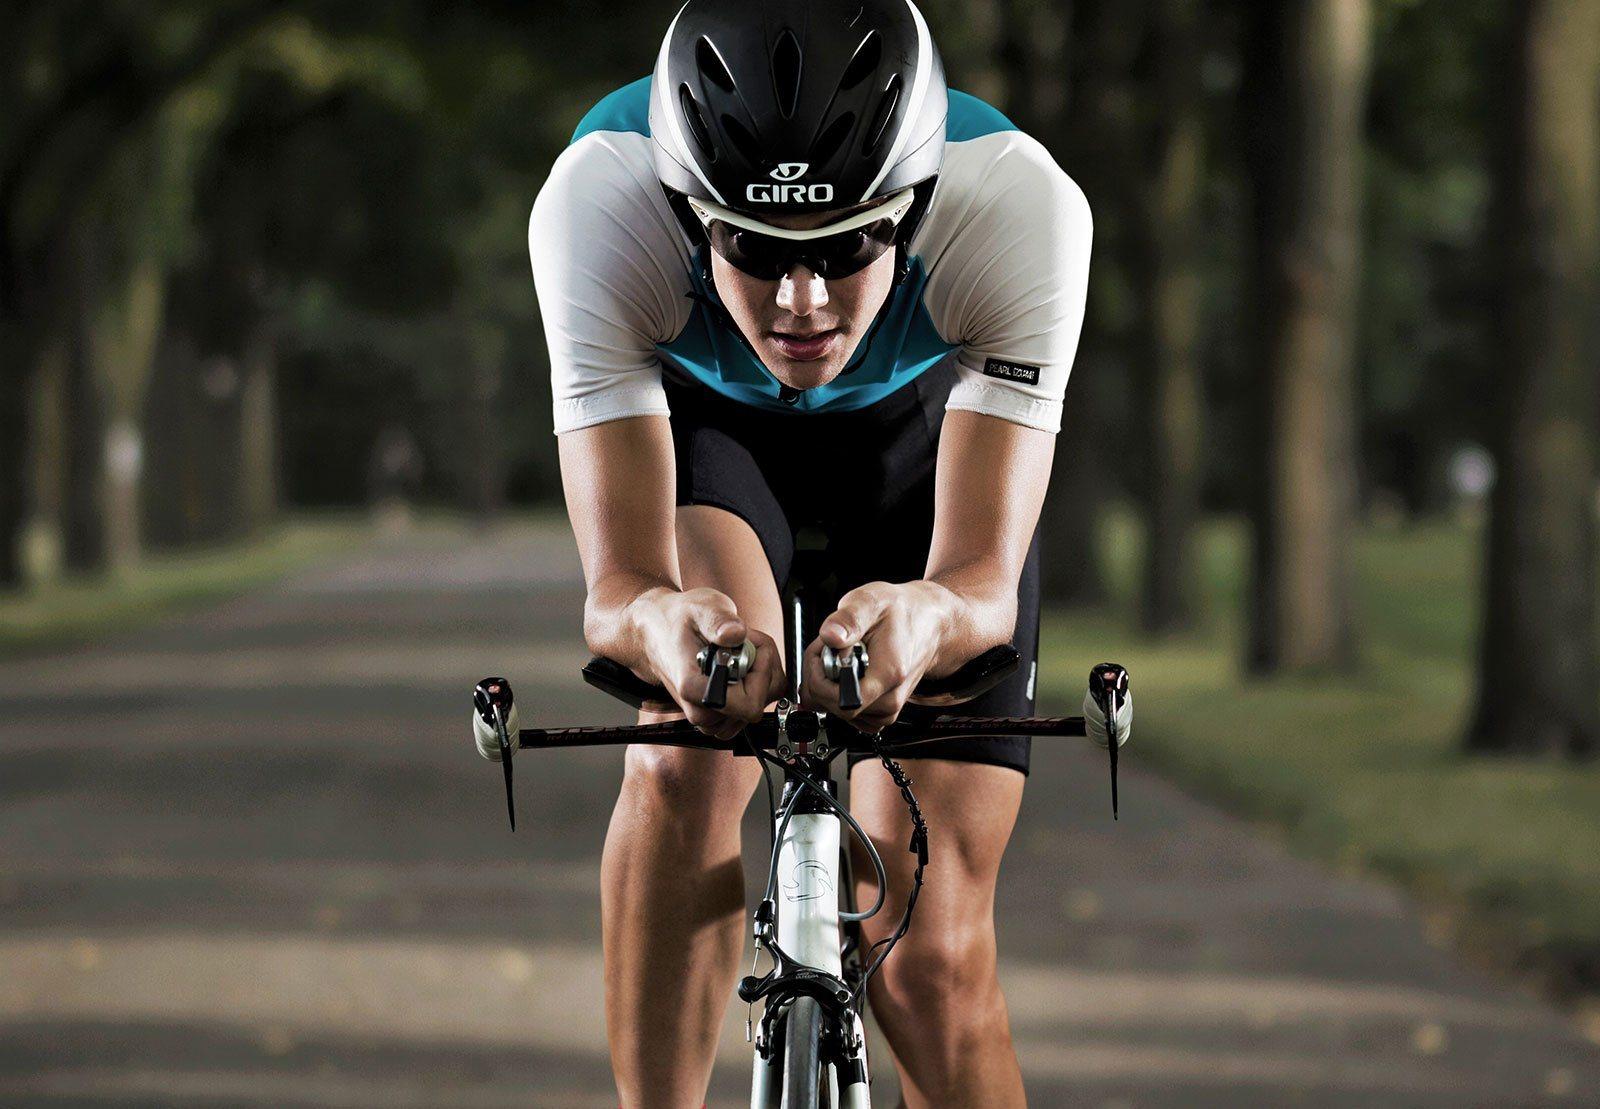 Какую максимальную скорость может развить велосипедист? (25 декабря 2008)